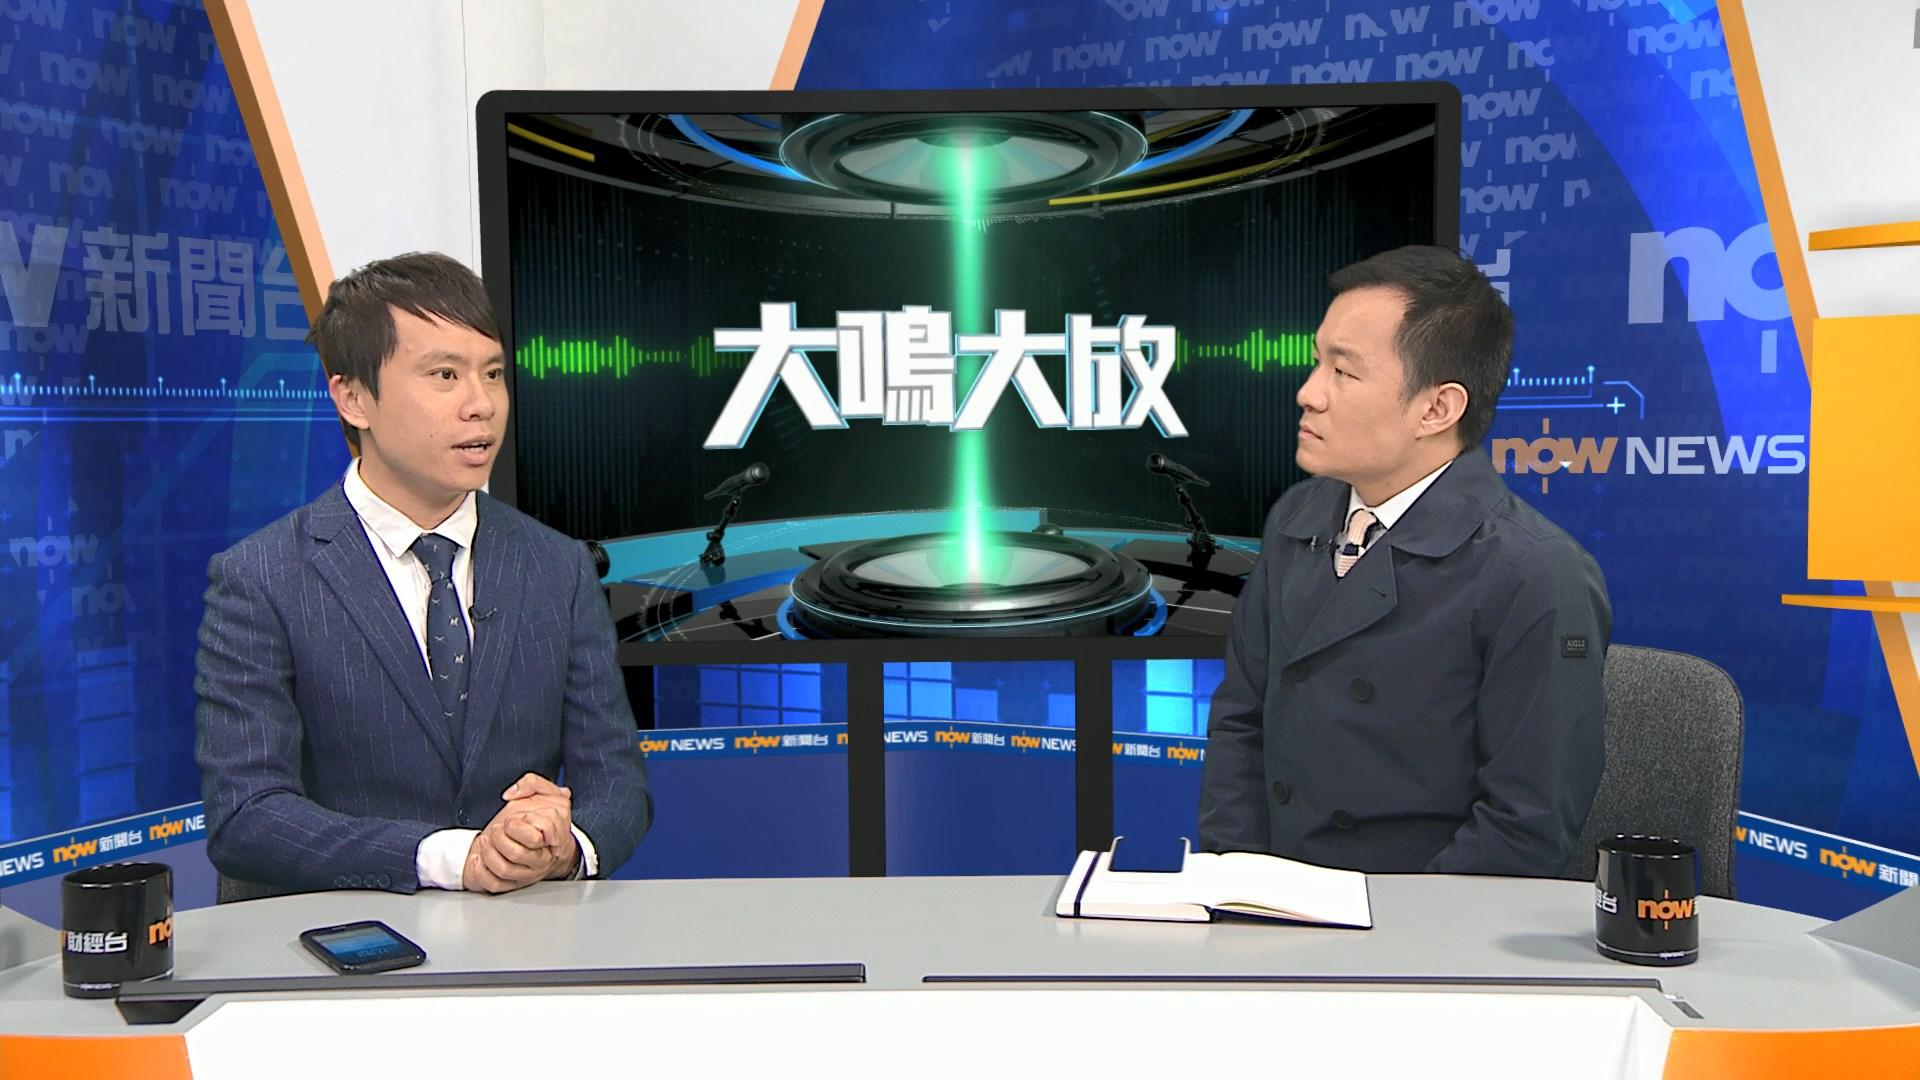 鄺俊宇:民主派要在地區工作交出政績